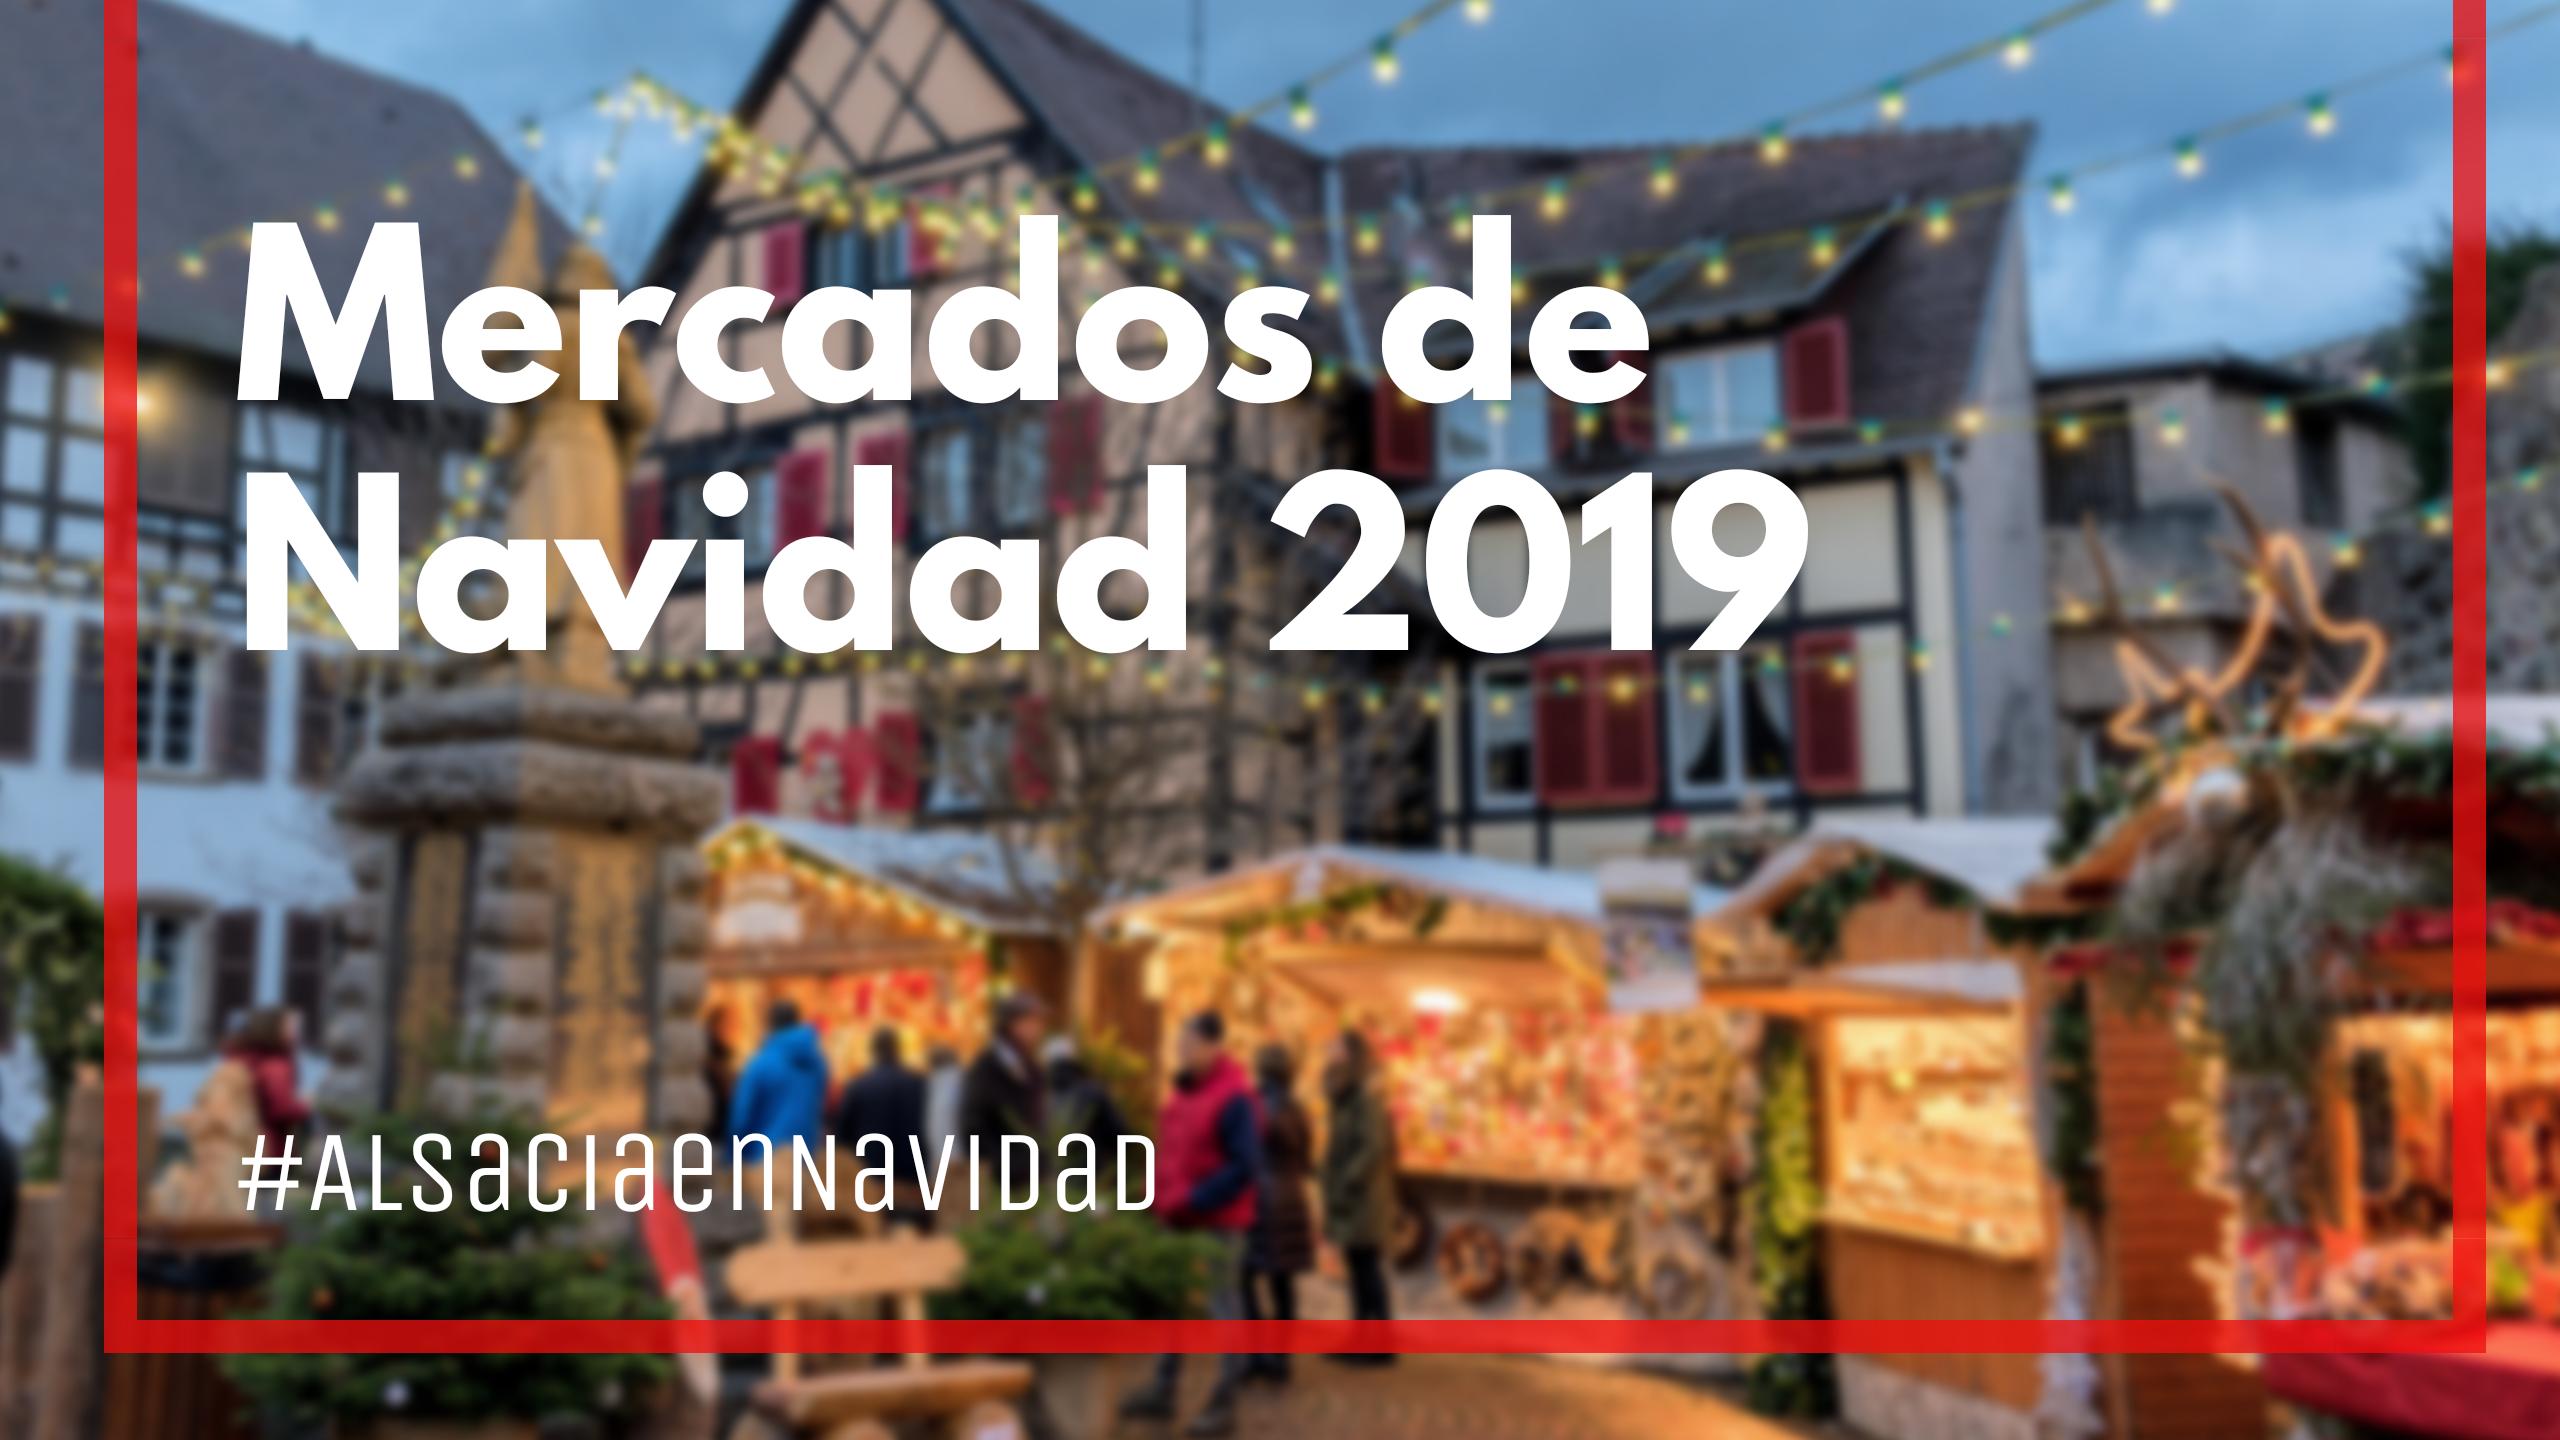 Imagenes De Navidad 2019.Mercados De Navidad En Alsacia 2019 Fechas Y Horarios